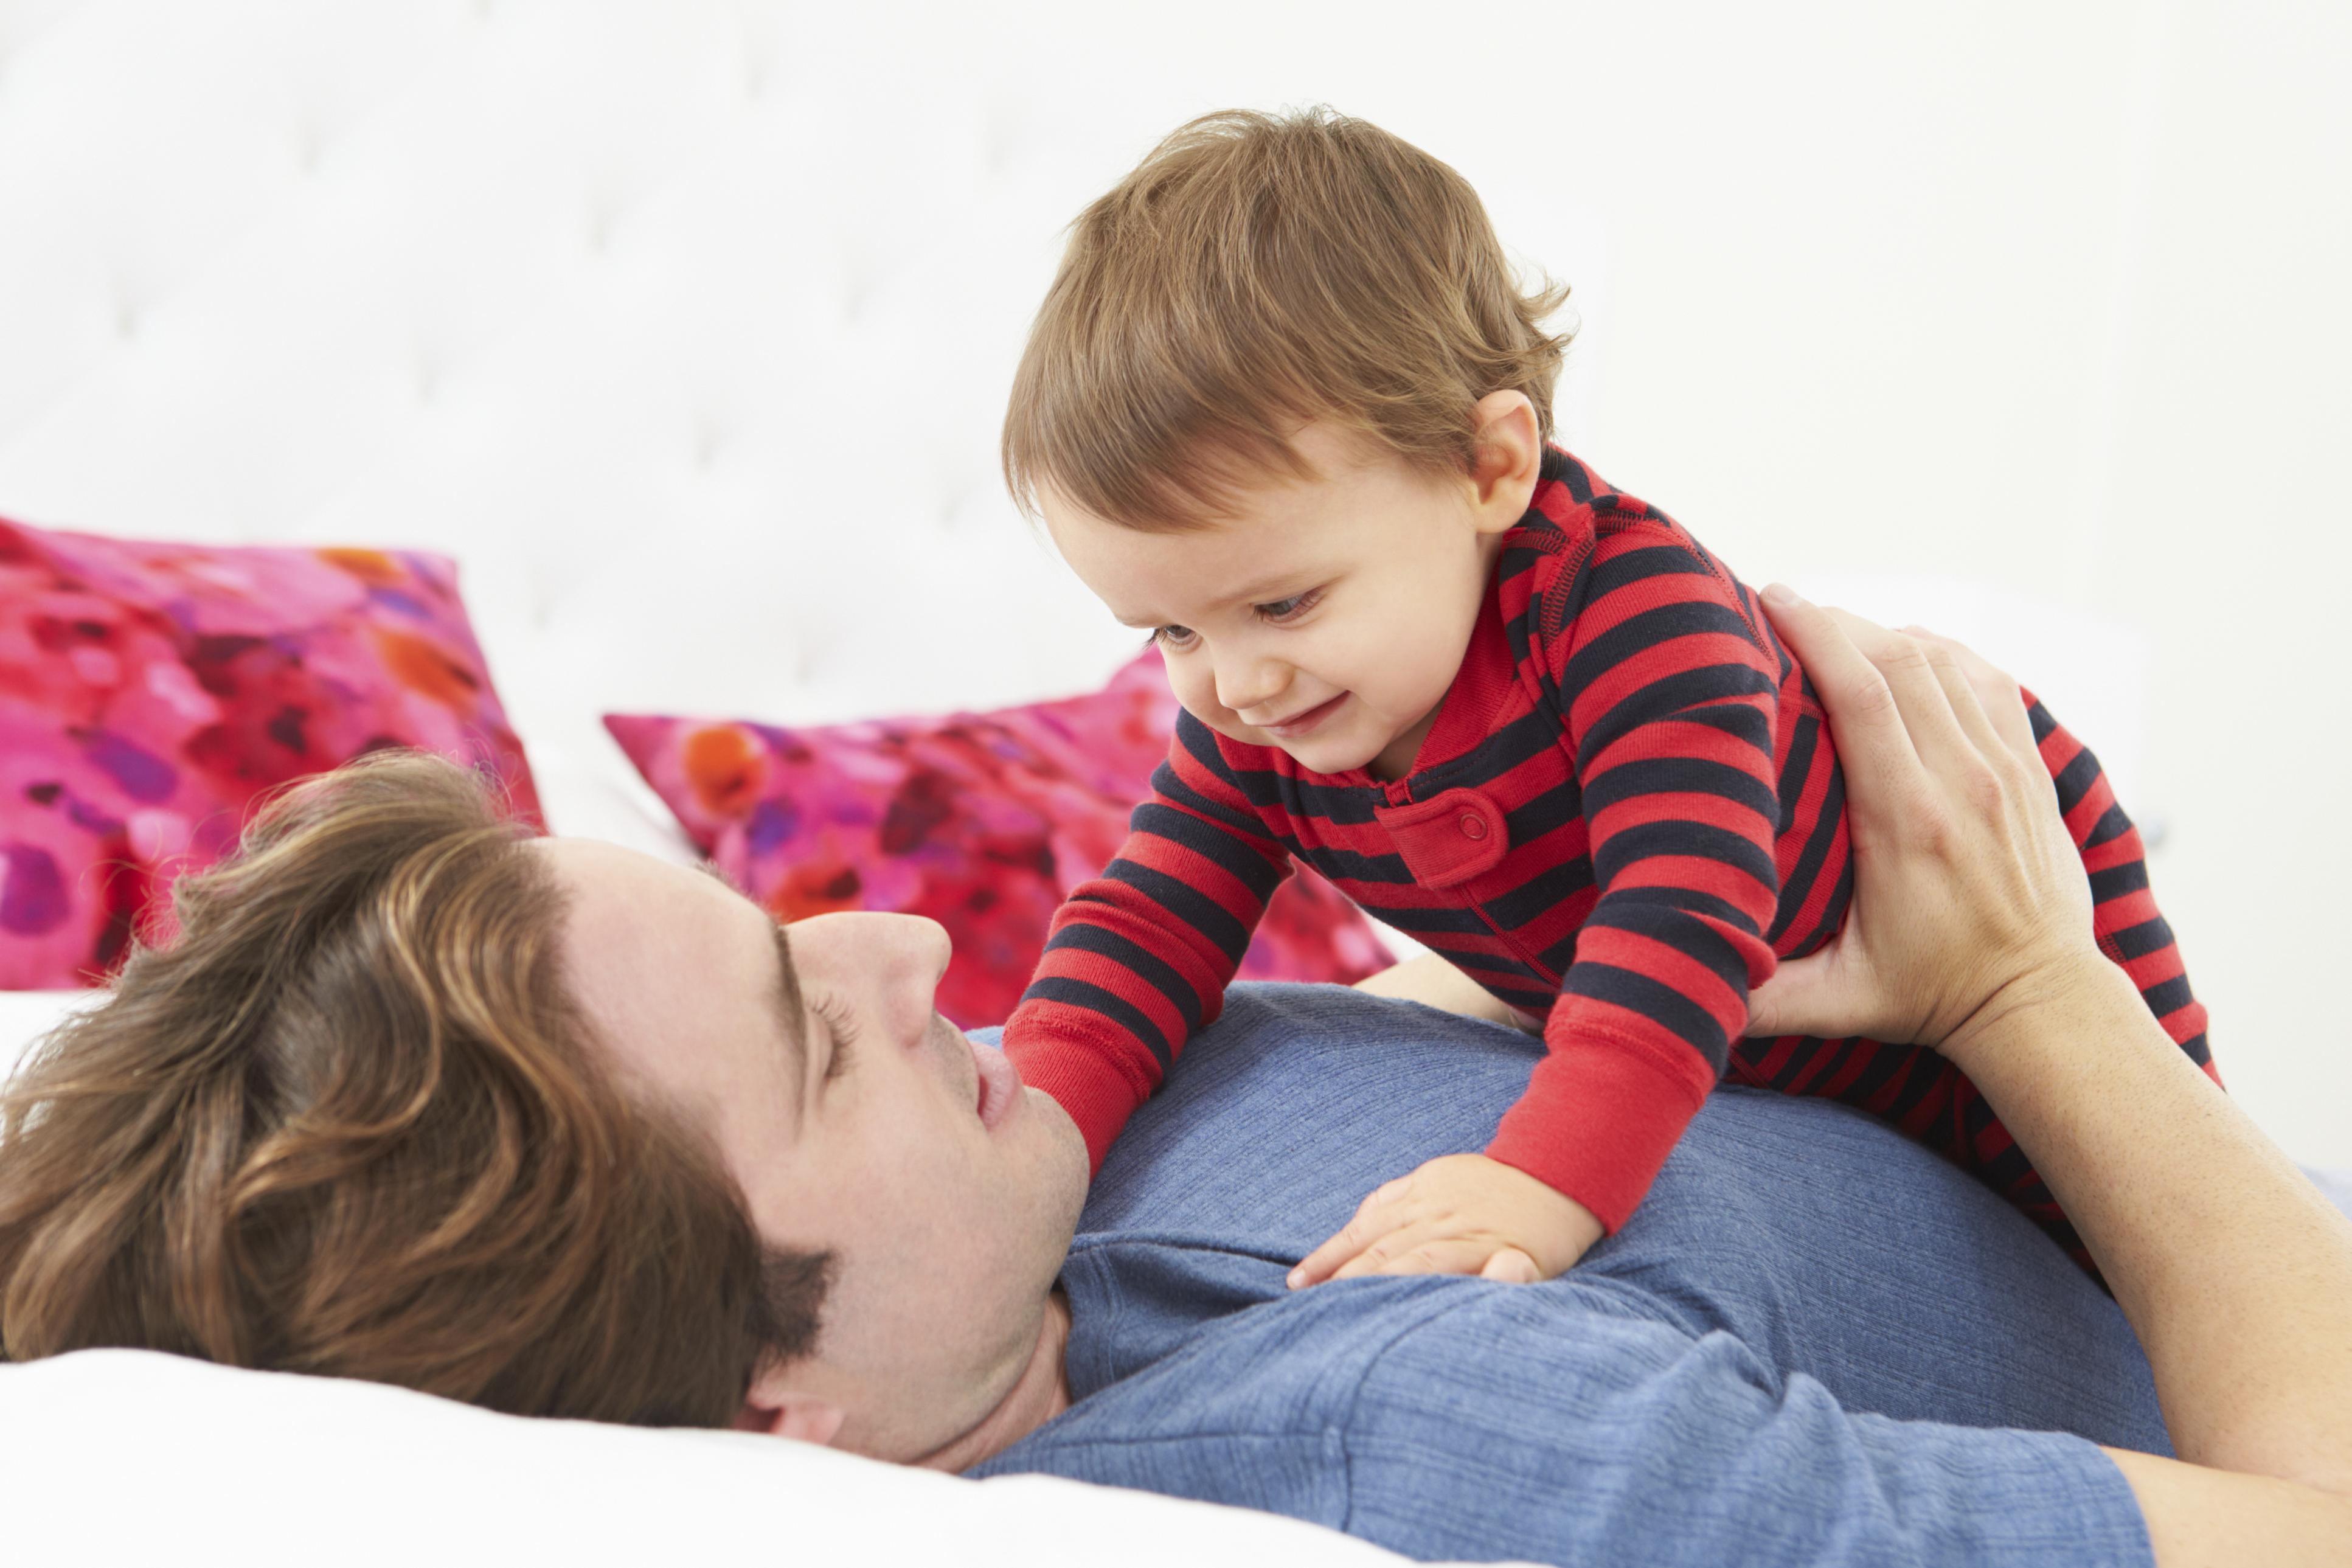 Membantu Ikatan Pasangan Anda dengan Bayi Anda Yang Baru Lahir – Bagian 2